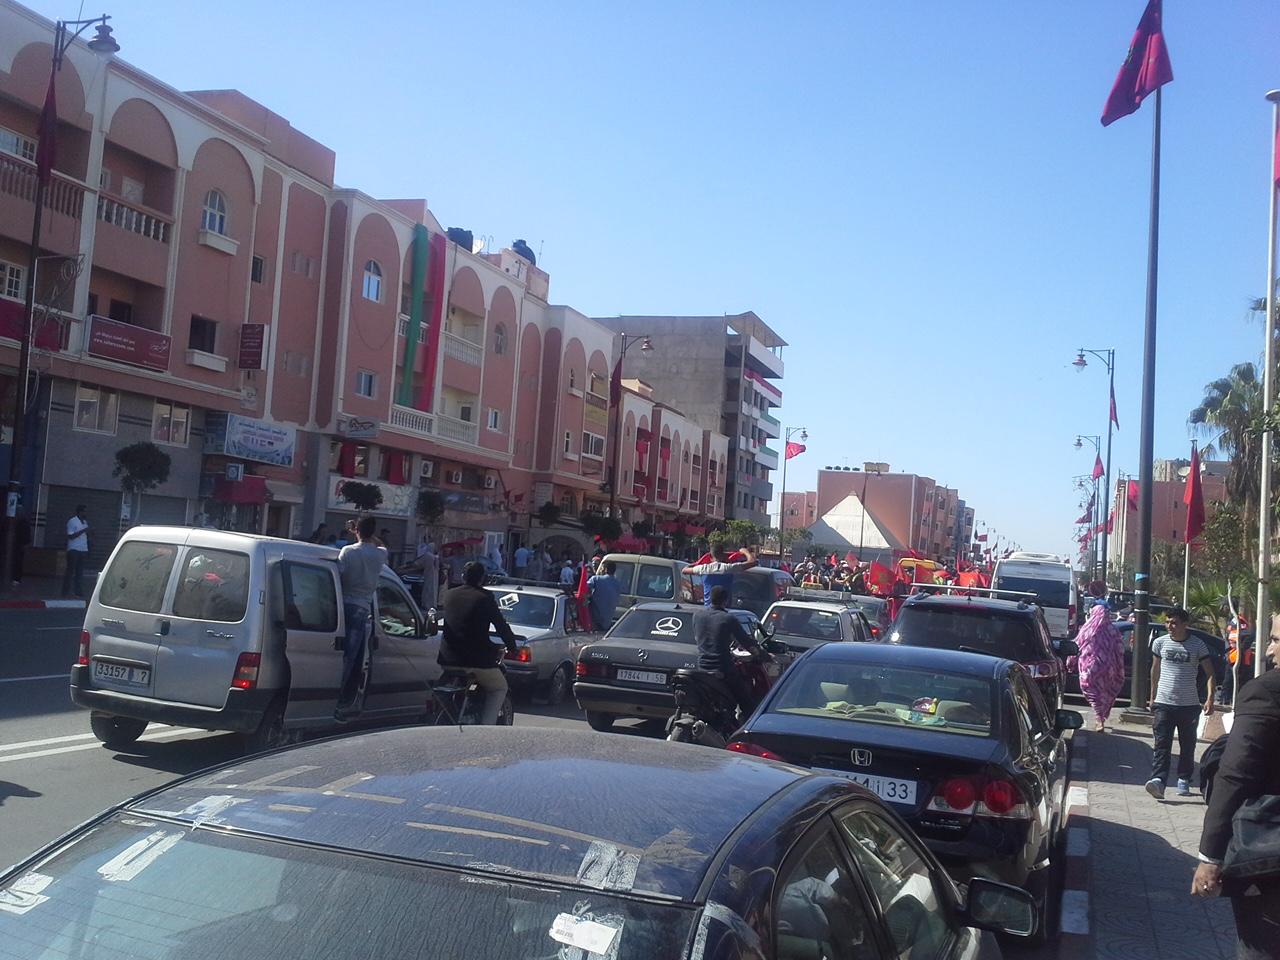 حصاد: عشرات الآلاف من المغاربة يحجون إلى العيون للاحتفال بالمسيرة الخضراء